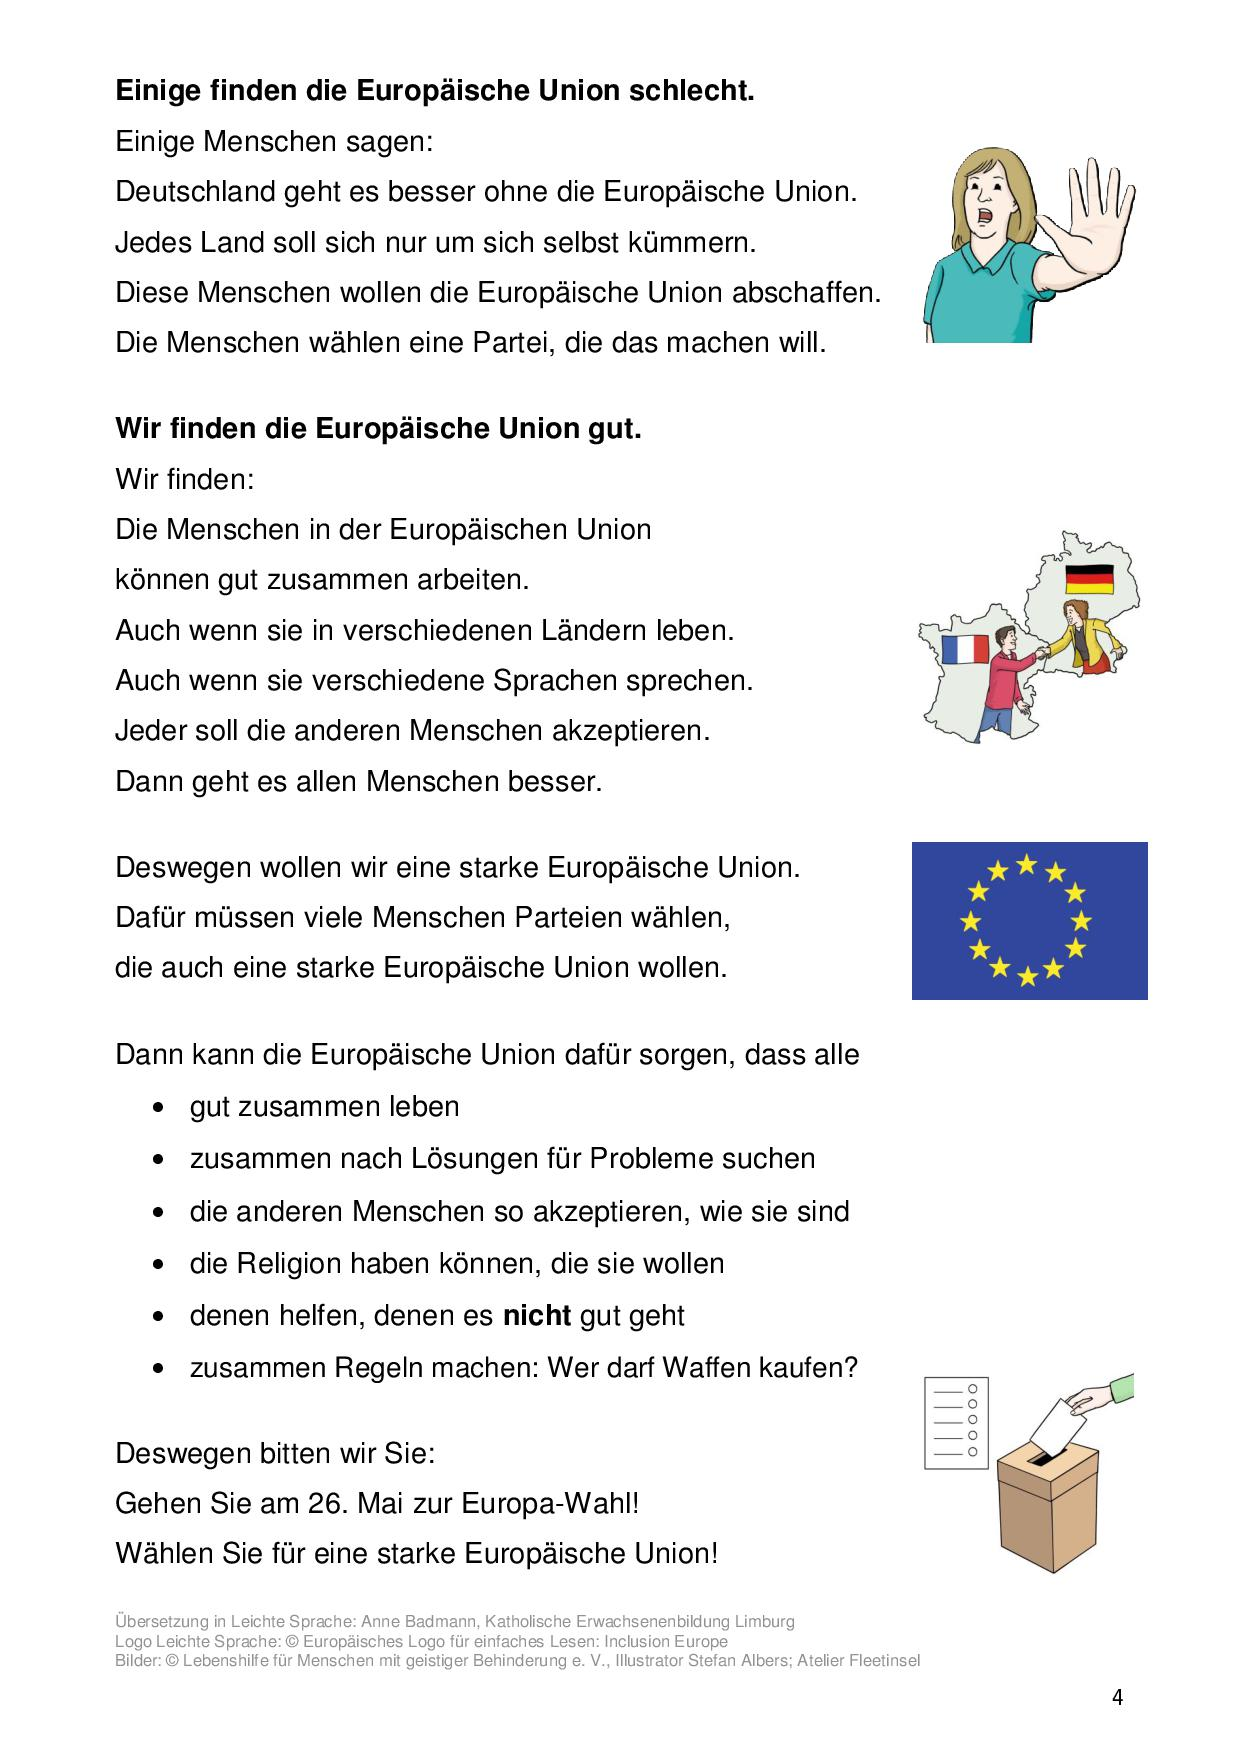 E 2019 7 Wahlaufruf Europawahl + Übersetzung FINAL-004